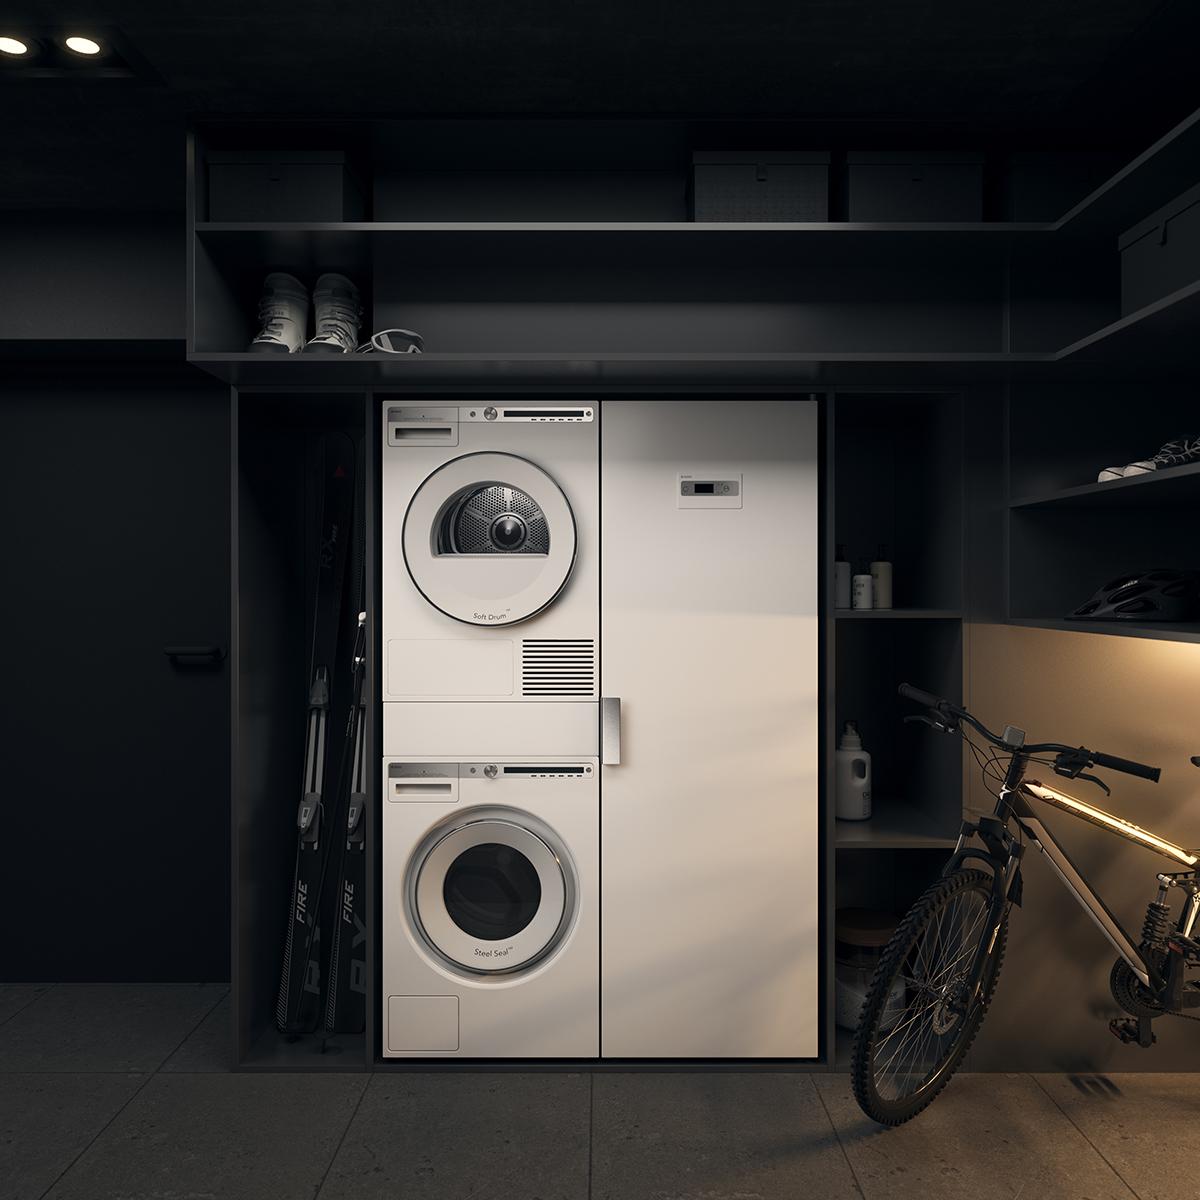 169695 file print asko amb laundry Basement 0 72m2 Logic w Final